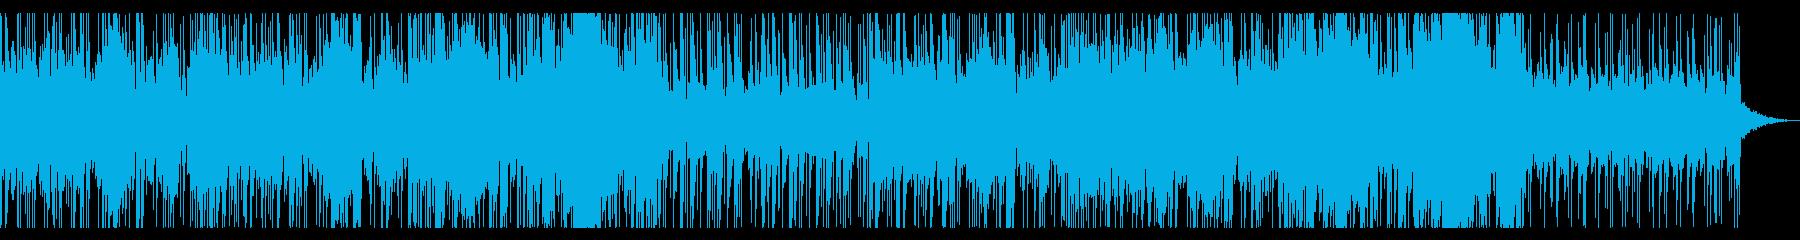 番組BGMや紹介動画向けの爽やかな音楽の再生済みの波形